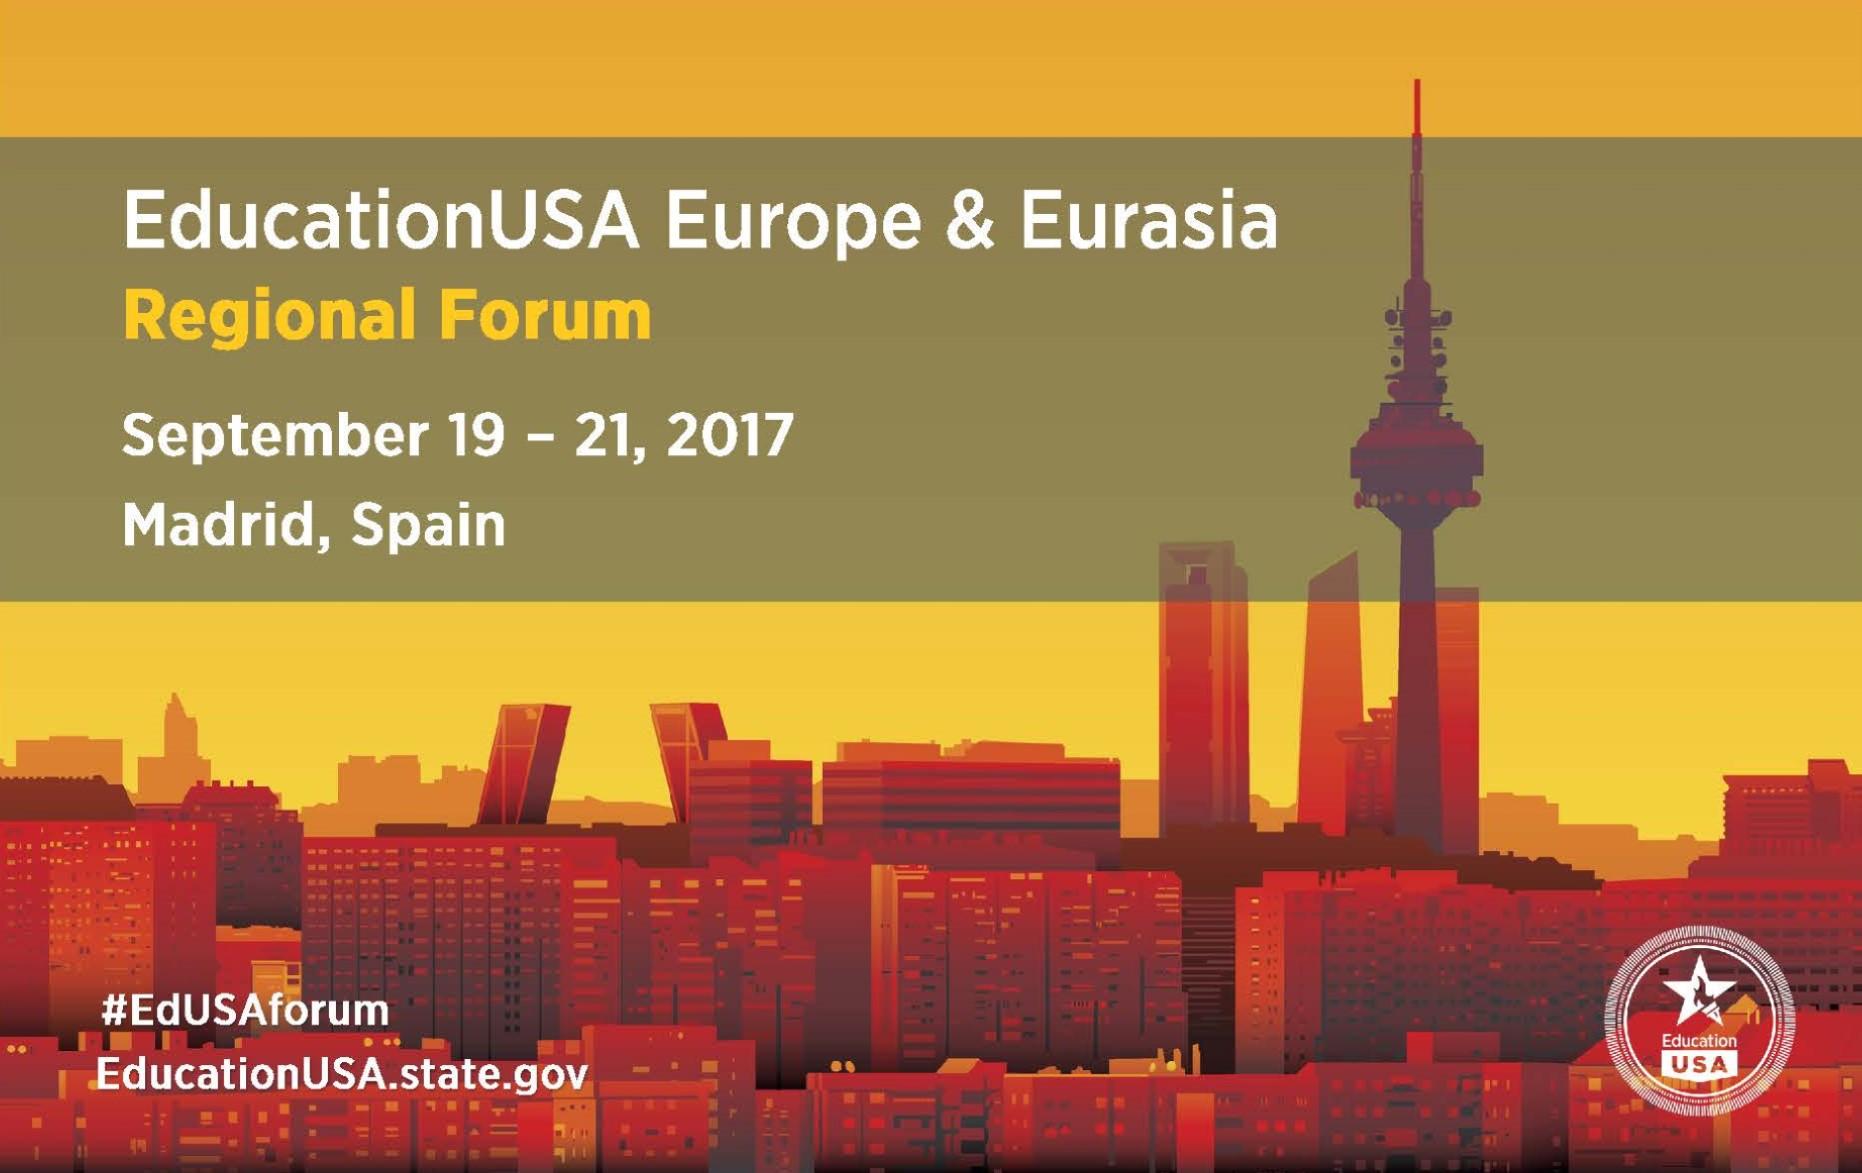 EducationUSA EUR Regional Forum 2017